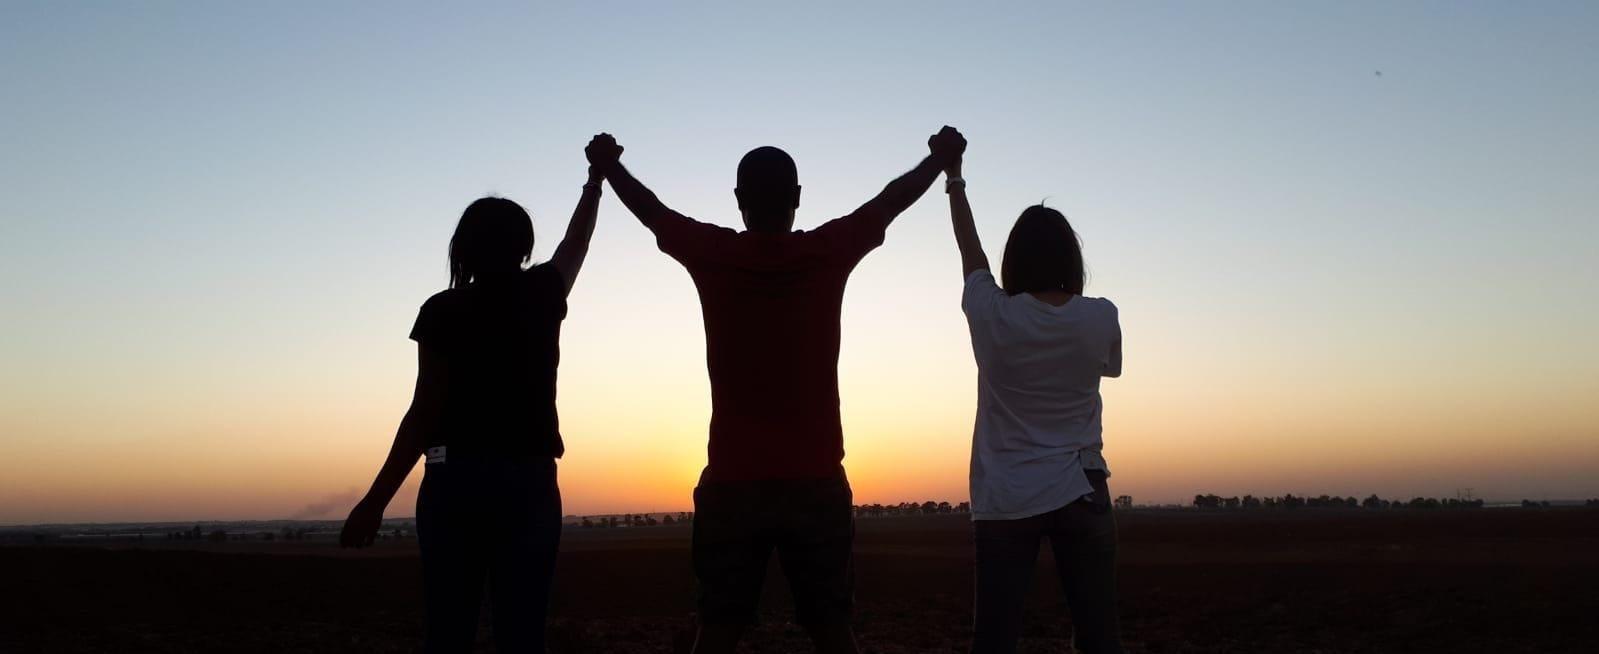 העוצמה ביחד